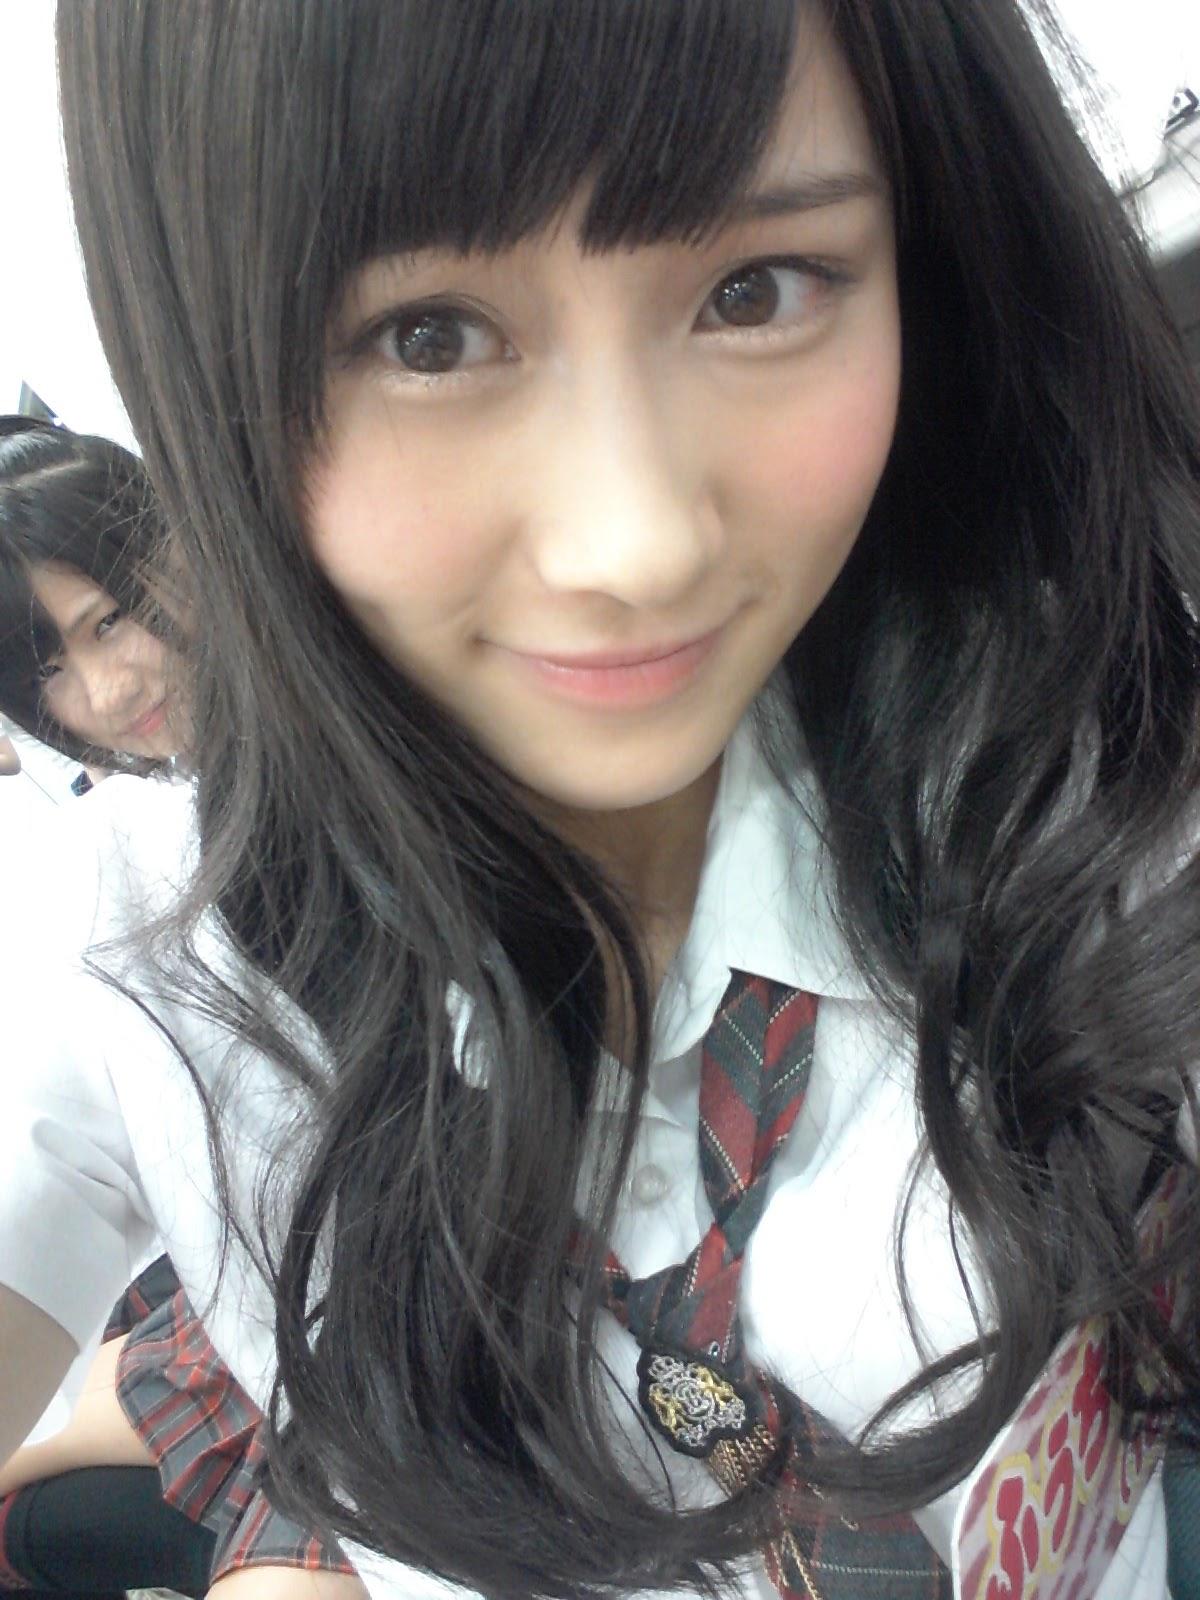 アイドル衣装を着た矢倉楓子